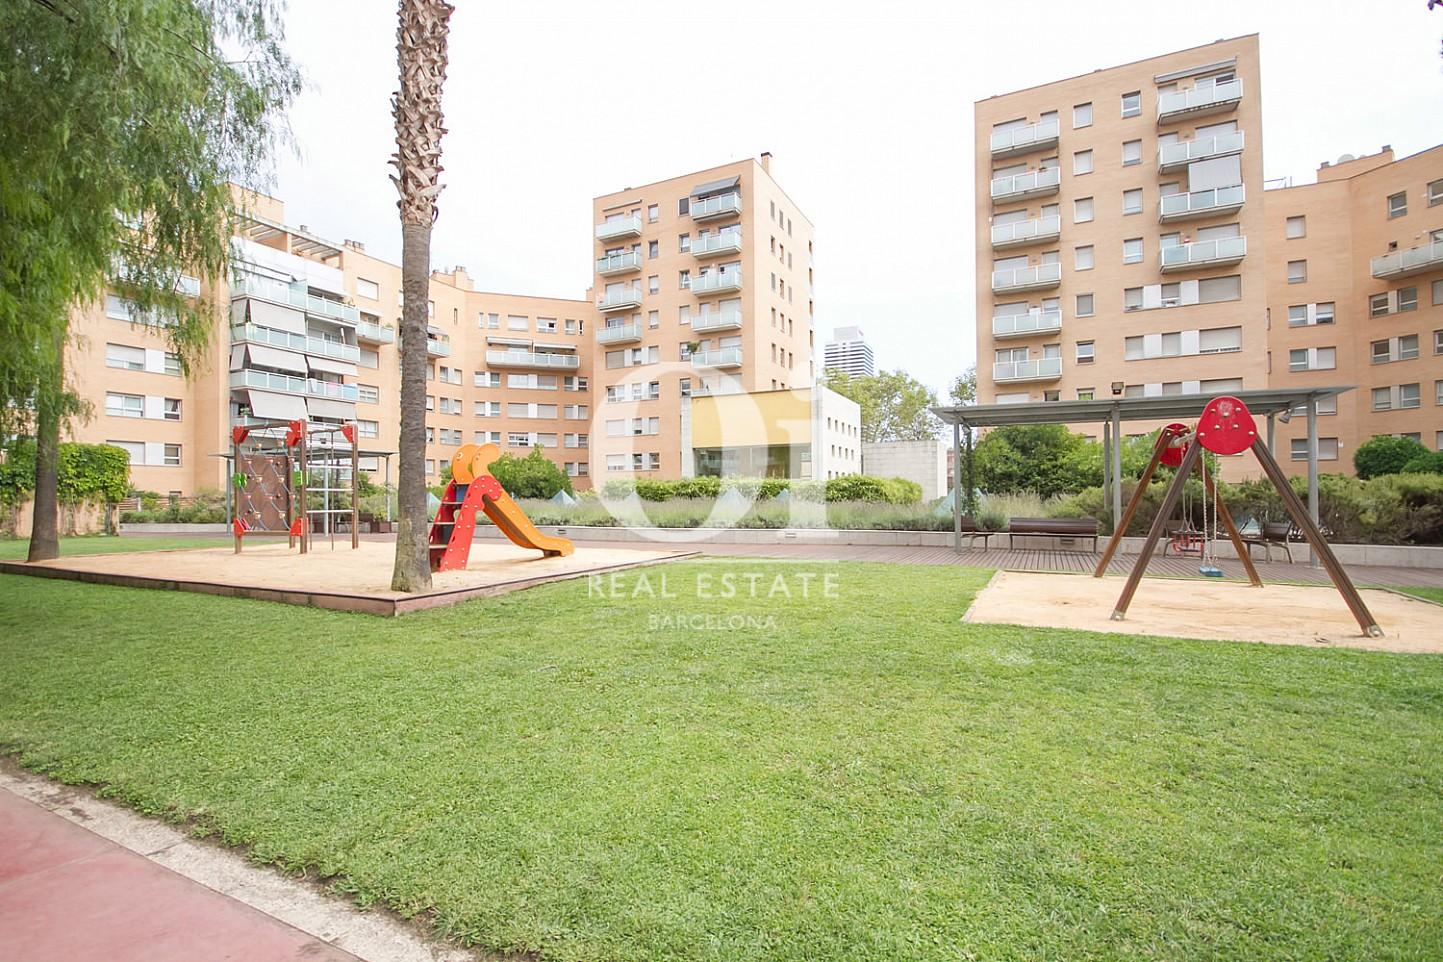 Вид внутреннего двора в доме, где расположена удивительная квартира на продажу в районе Побленоу, Барселона